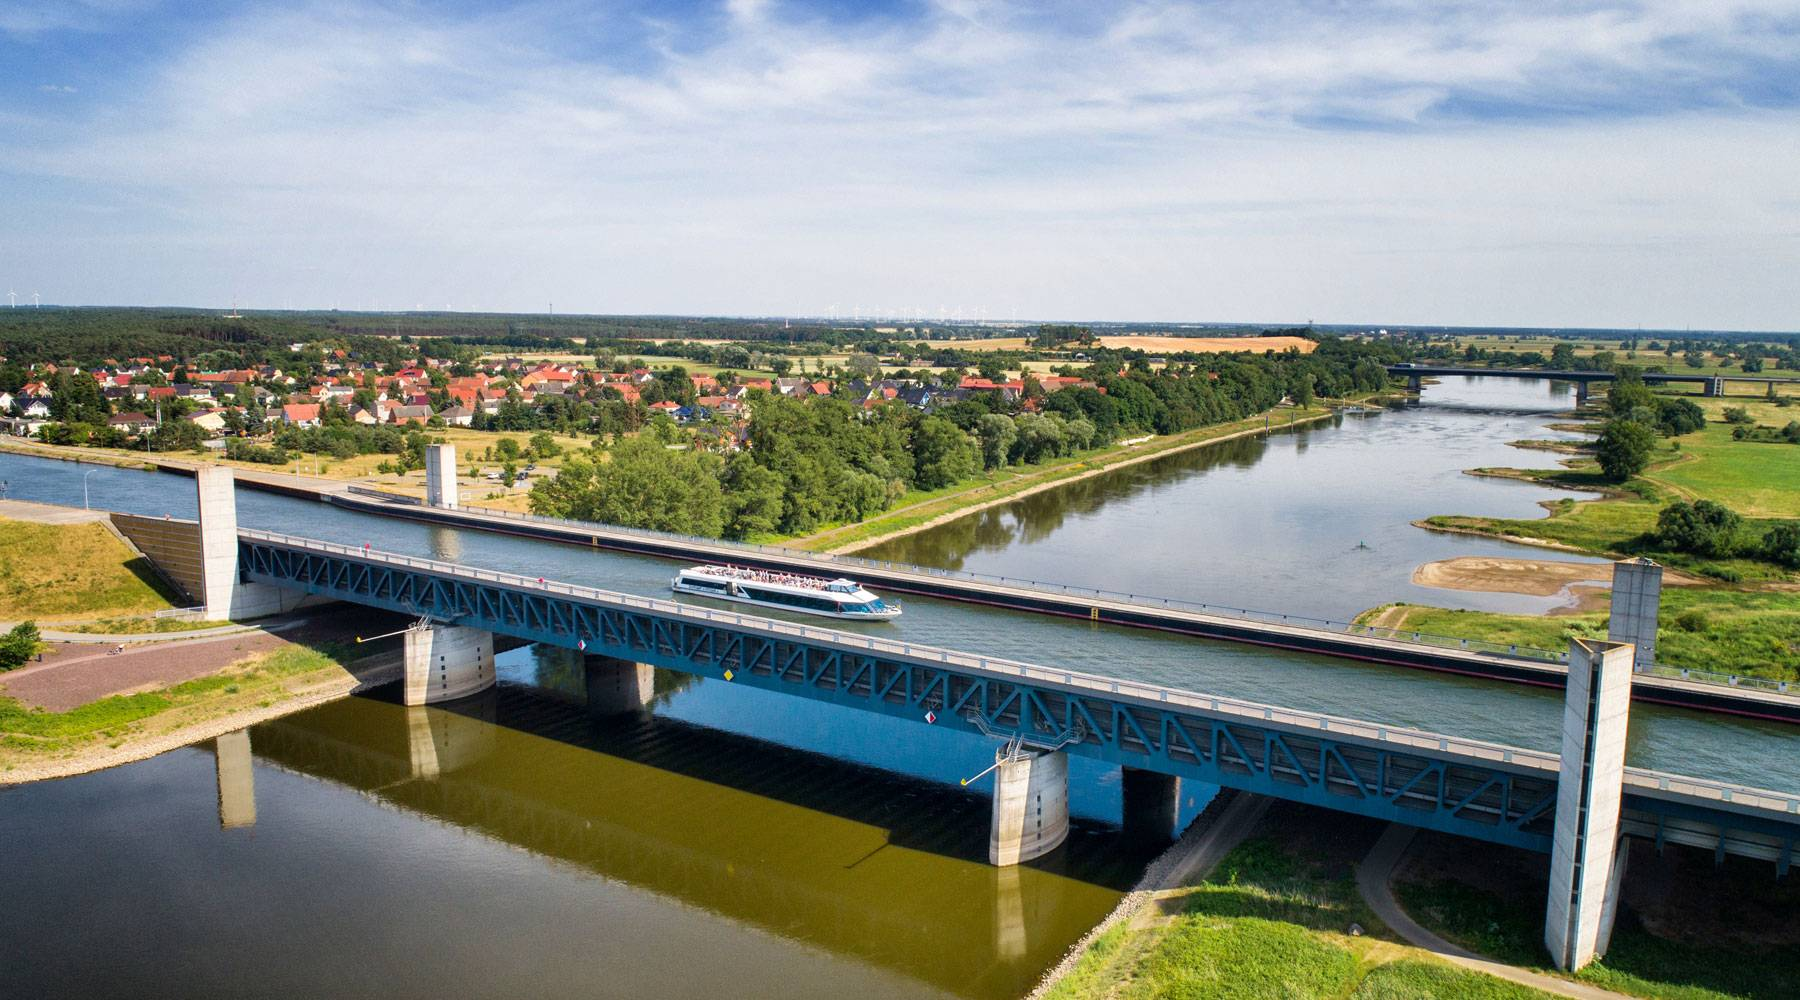 Магдебургский водный мост – один из самых впечатляющих водных мостов в мире